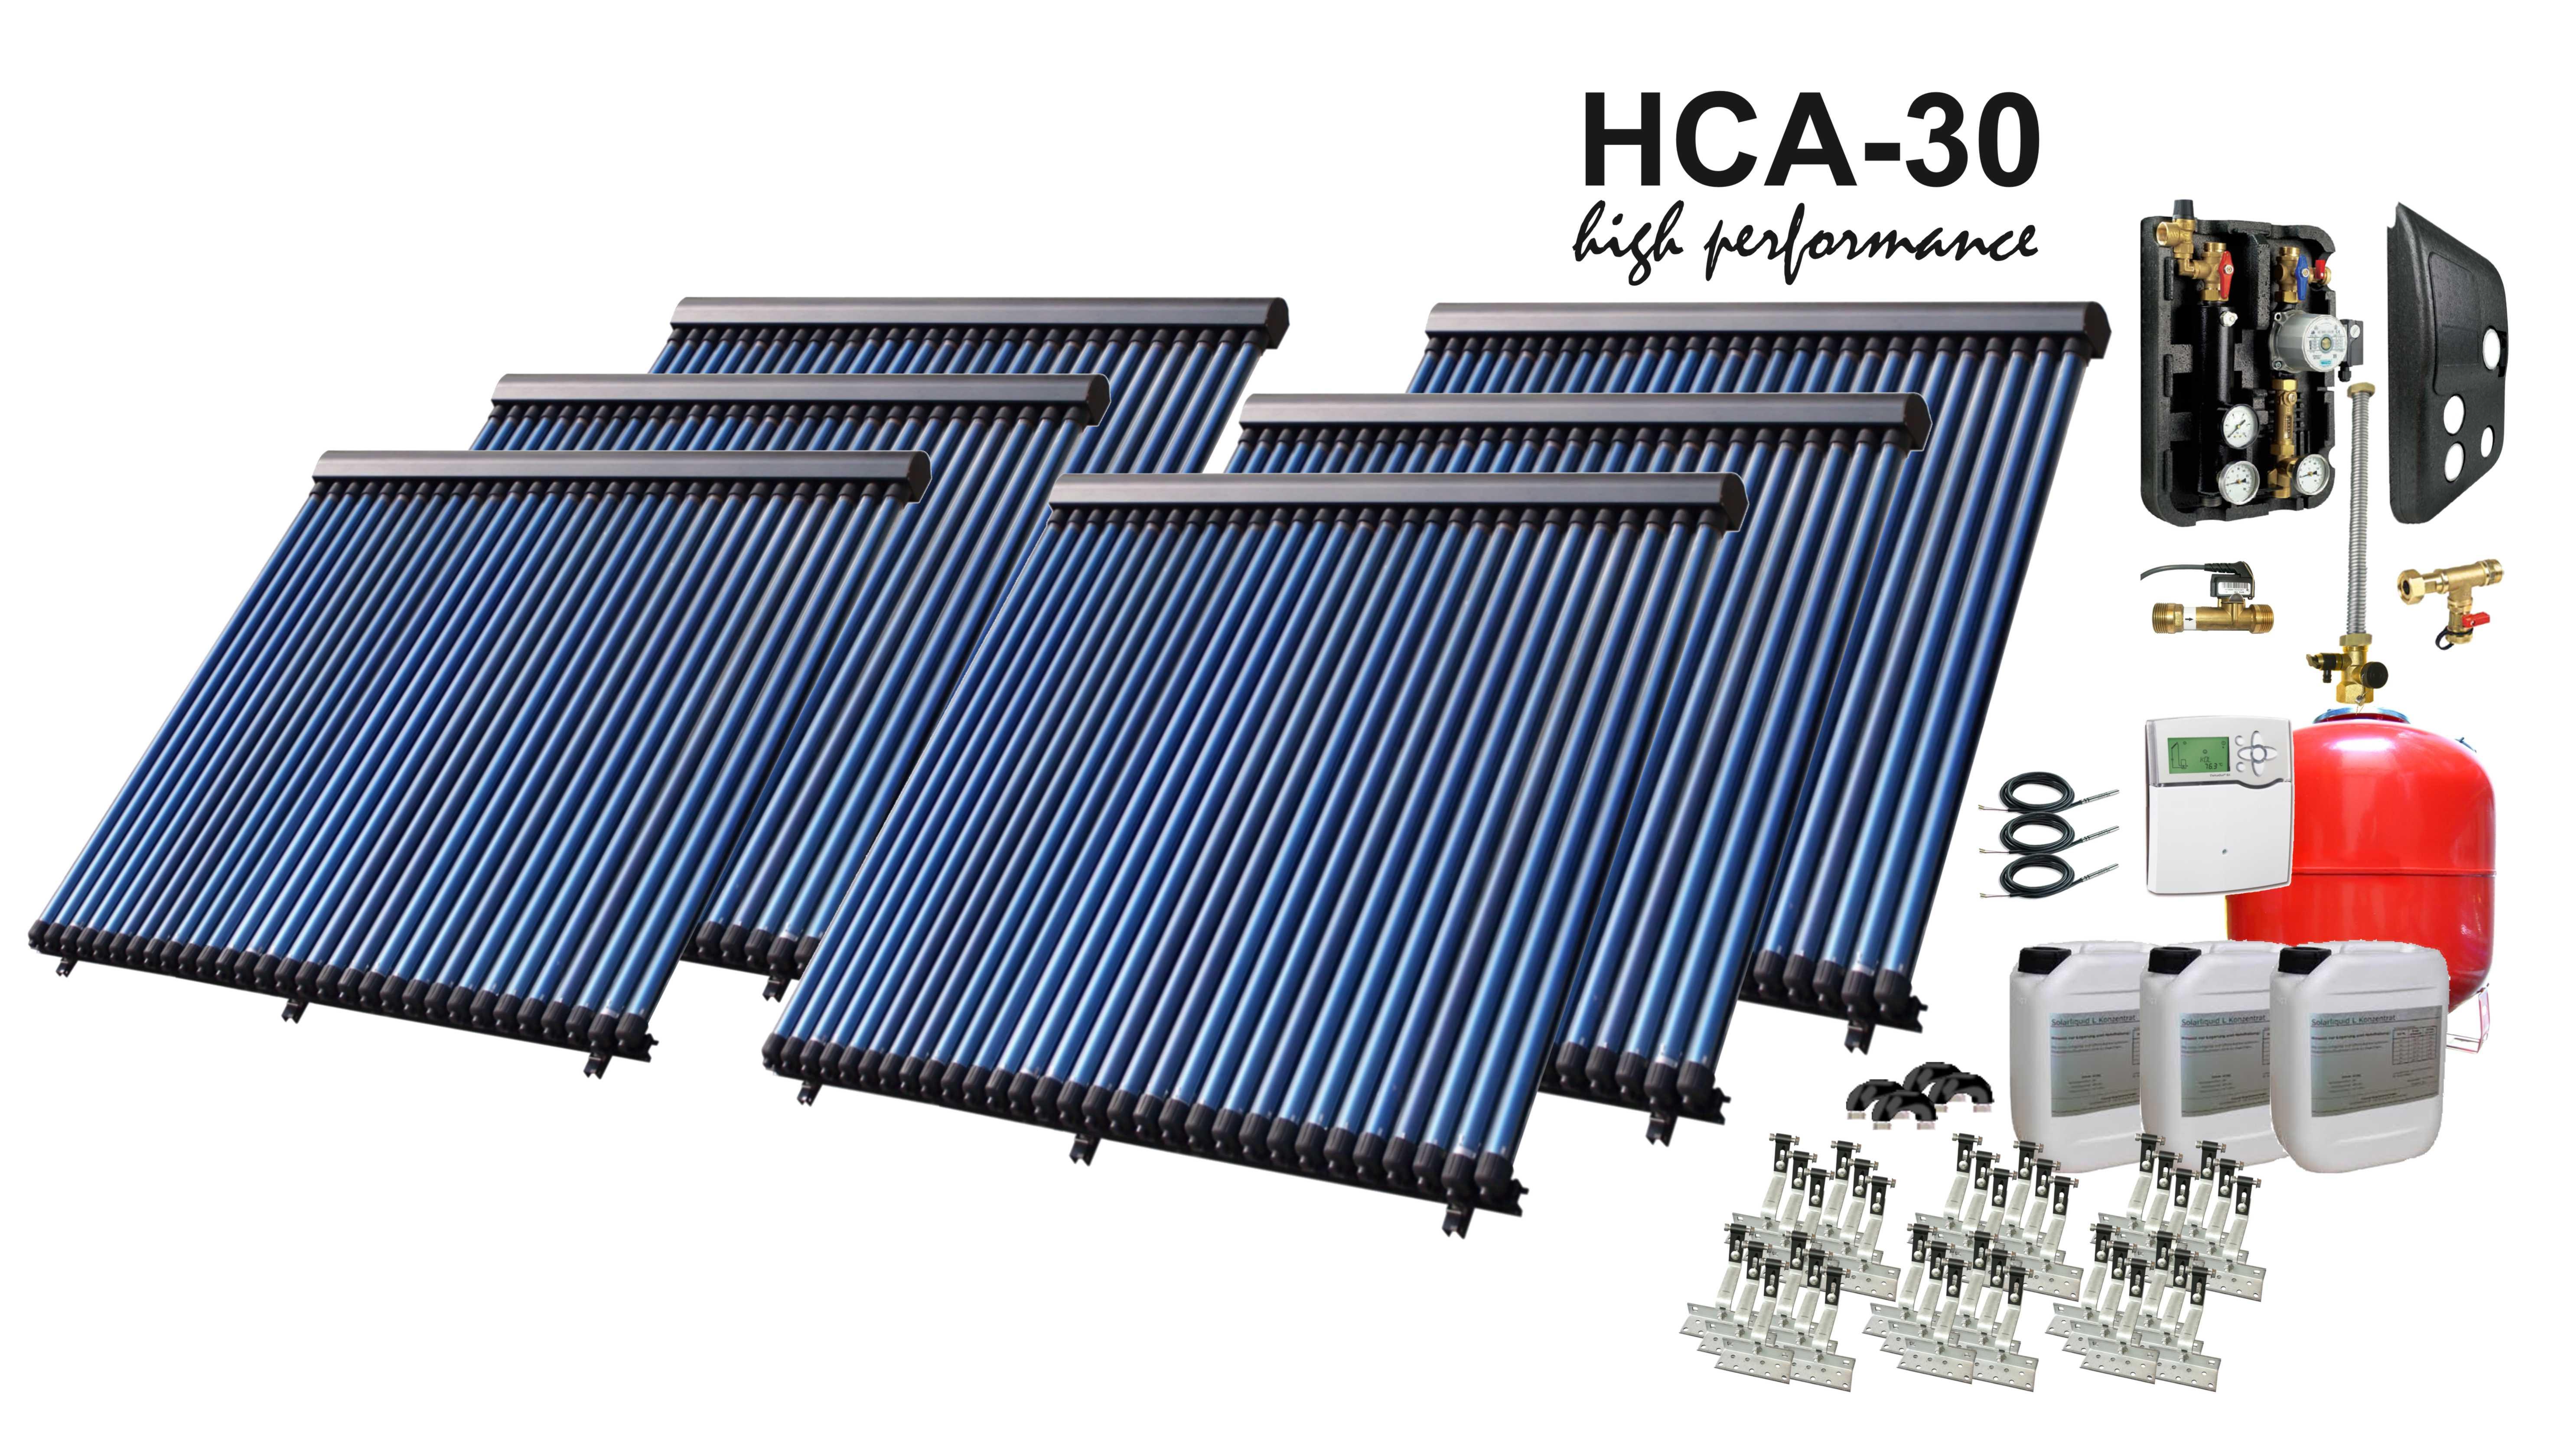 solarpaket hca30 6 25 08 m vakuumr hrenanlage mit bafa f rderung ebay. Black Bedroom Furniture Sets. Home Design Ideas